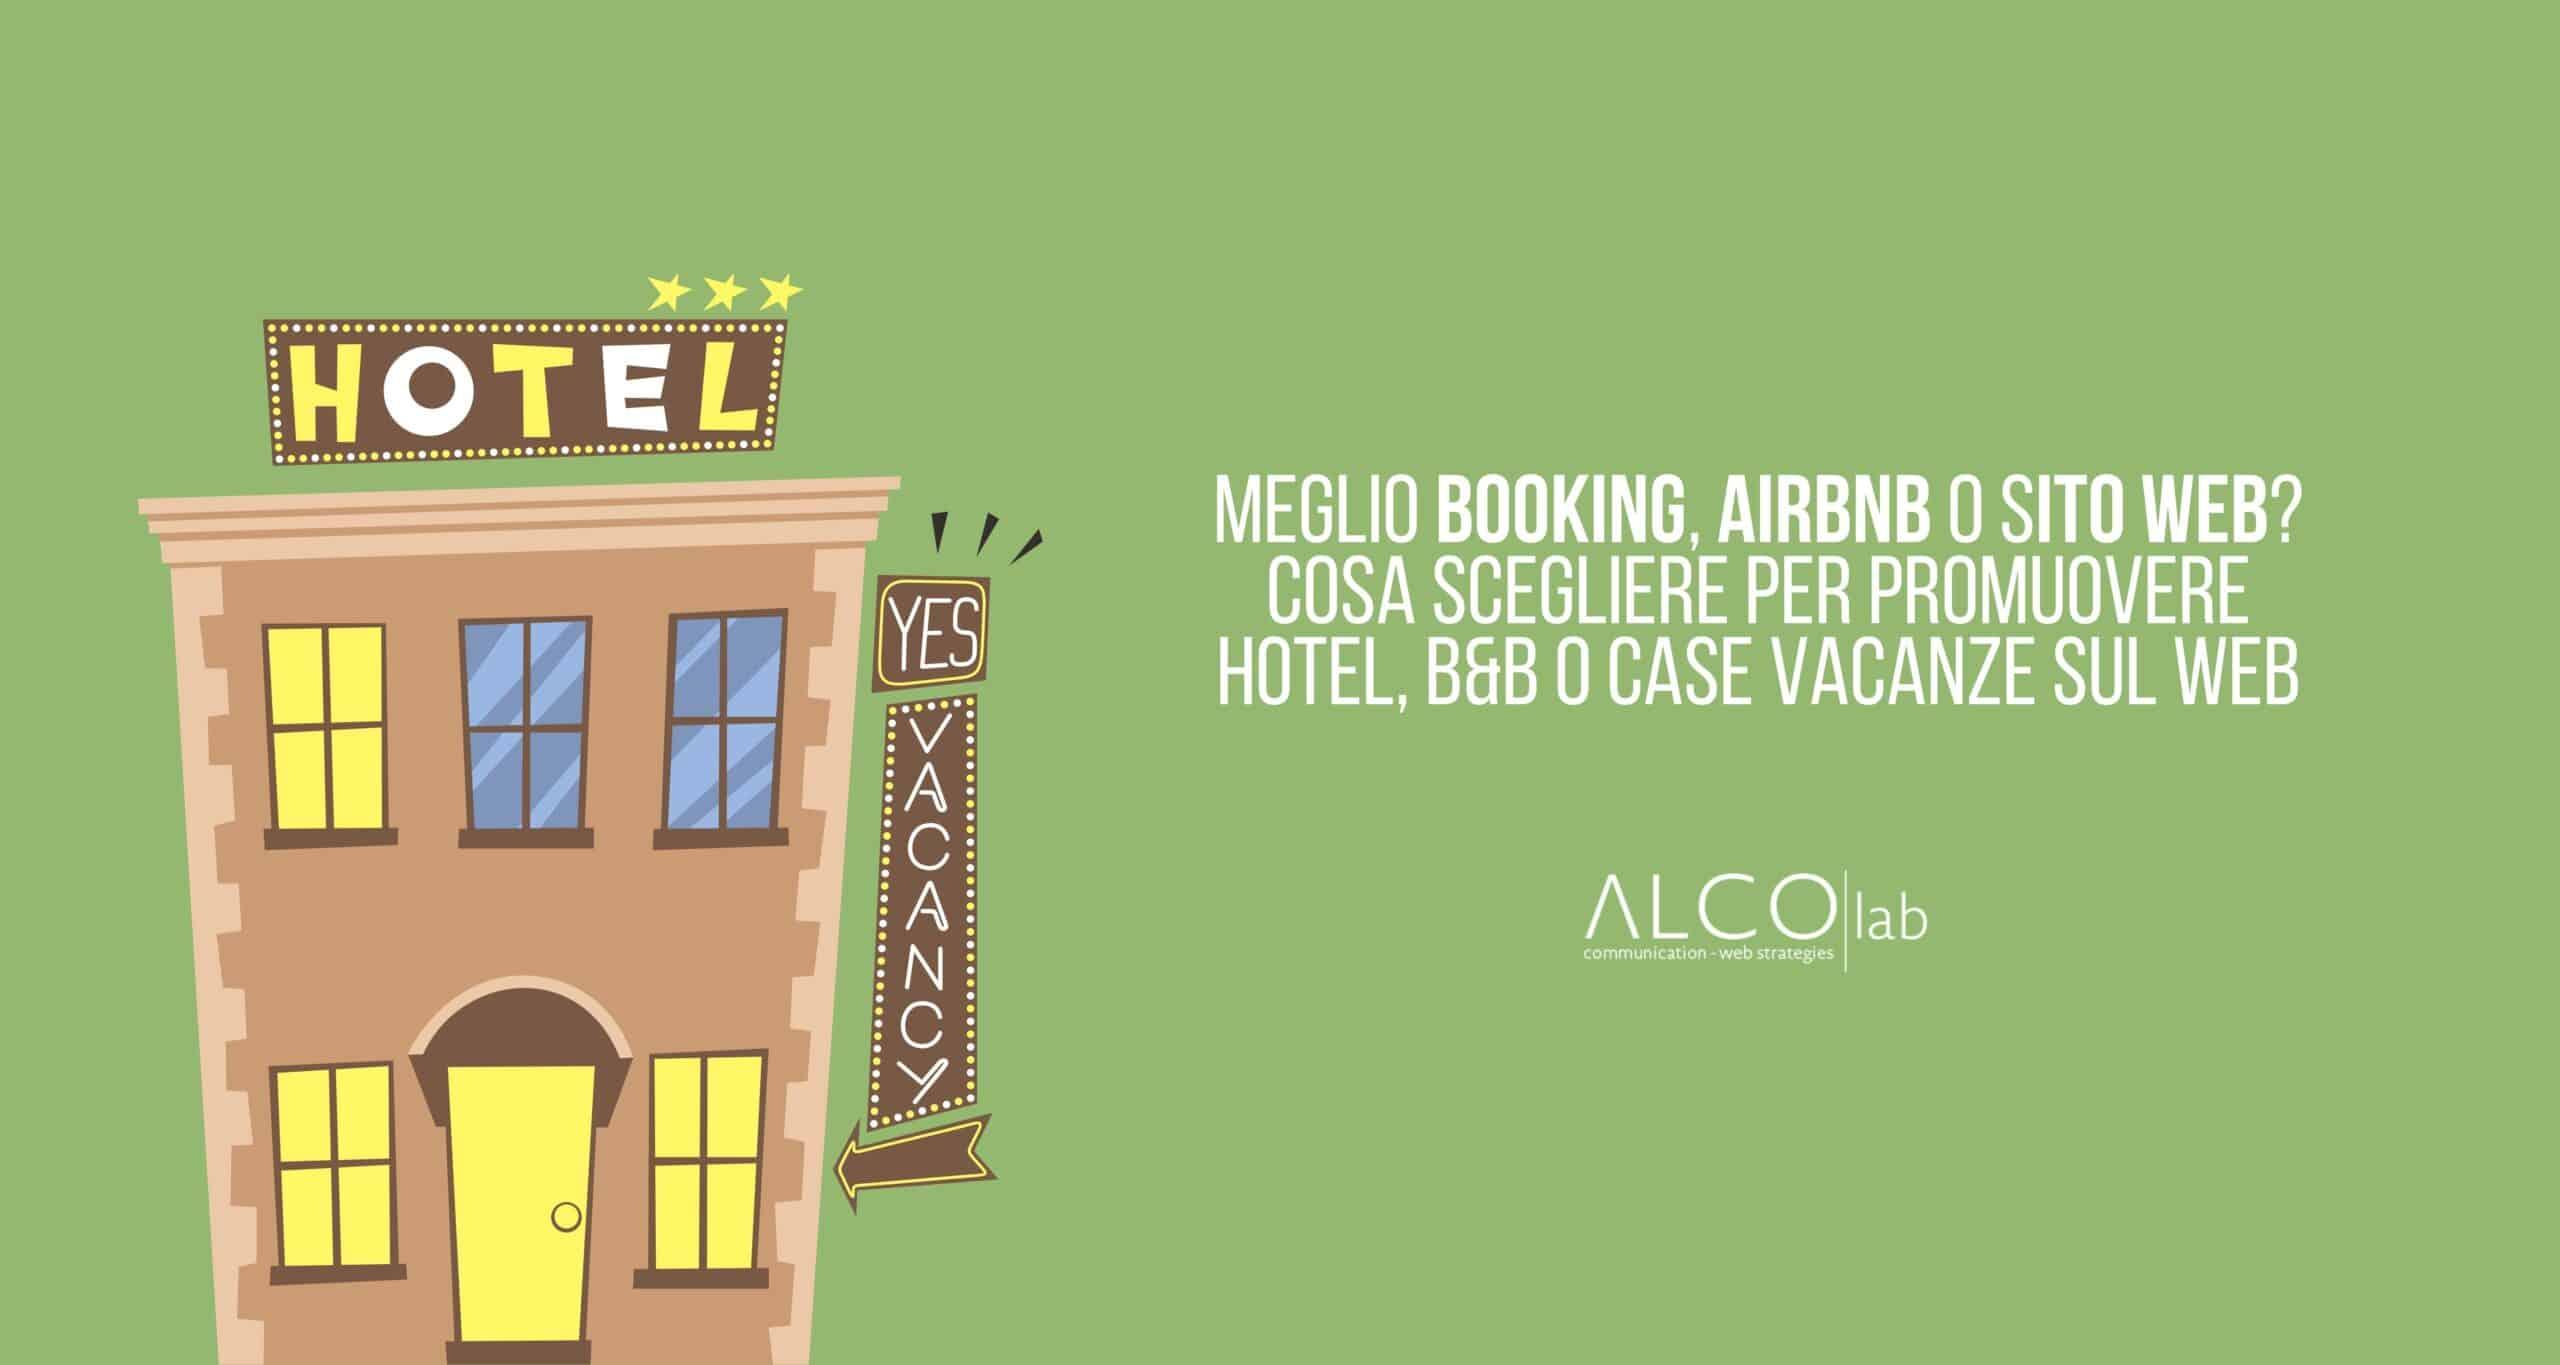 meglio booking airbnb o sito